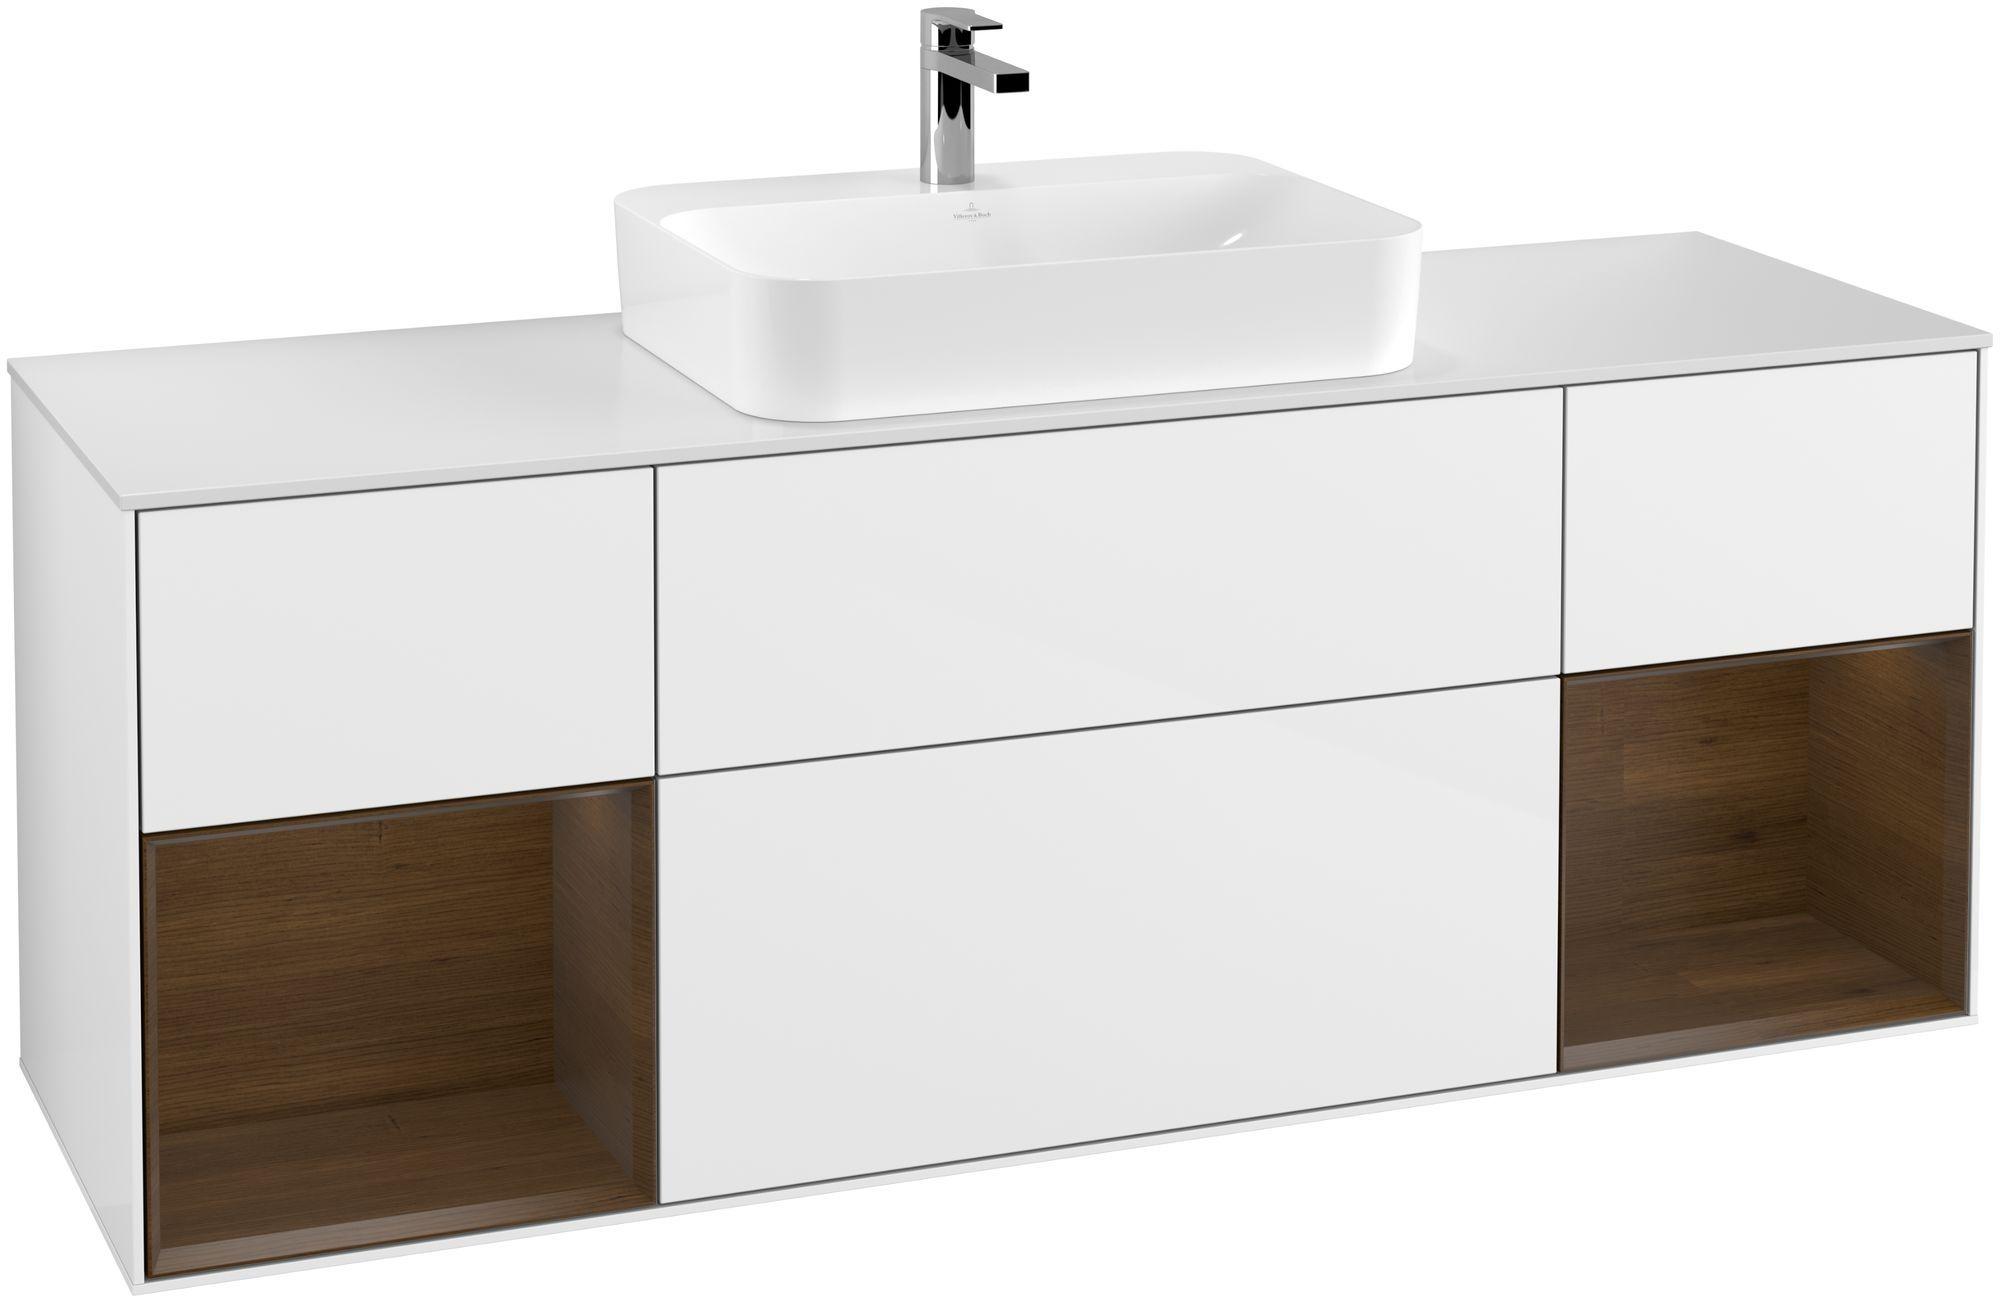 Villeroy & Boch Finion G45 Waschtischunterschrank mit Regalelement 4 Auszüge Waschtisch mittig LED-Beleuchtung B:160xH:60,3xT:50,1cm Front, Korpus: Glossy White Lack, Regal: Walnut Veneer, Glasplatte: White Matt G451GNGF